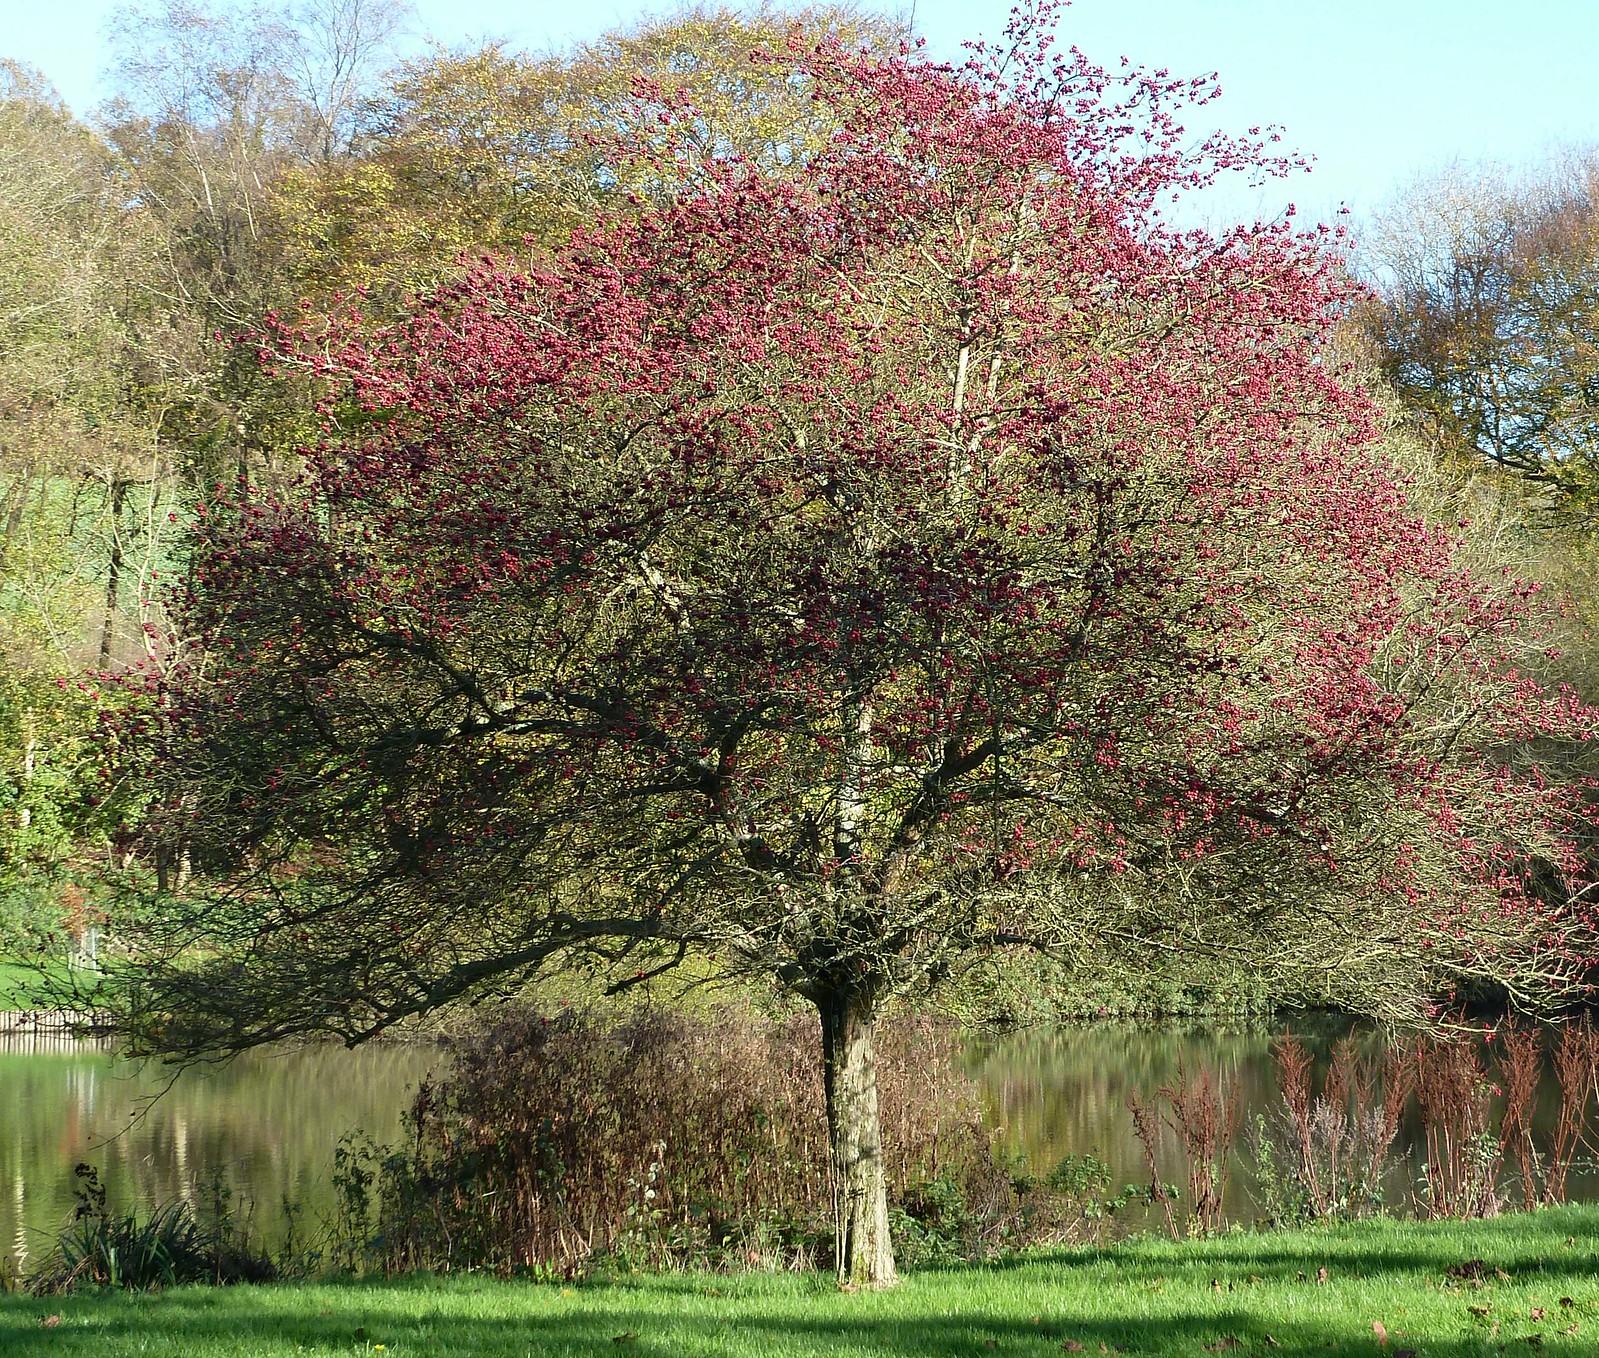 Autumn (Milford to Godalming)